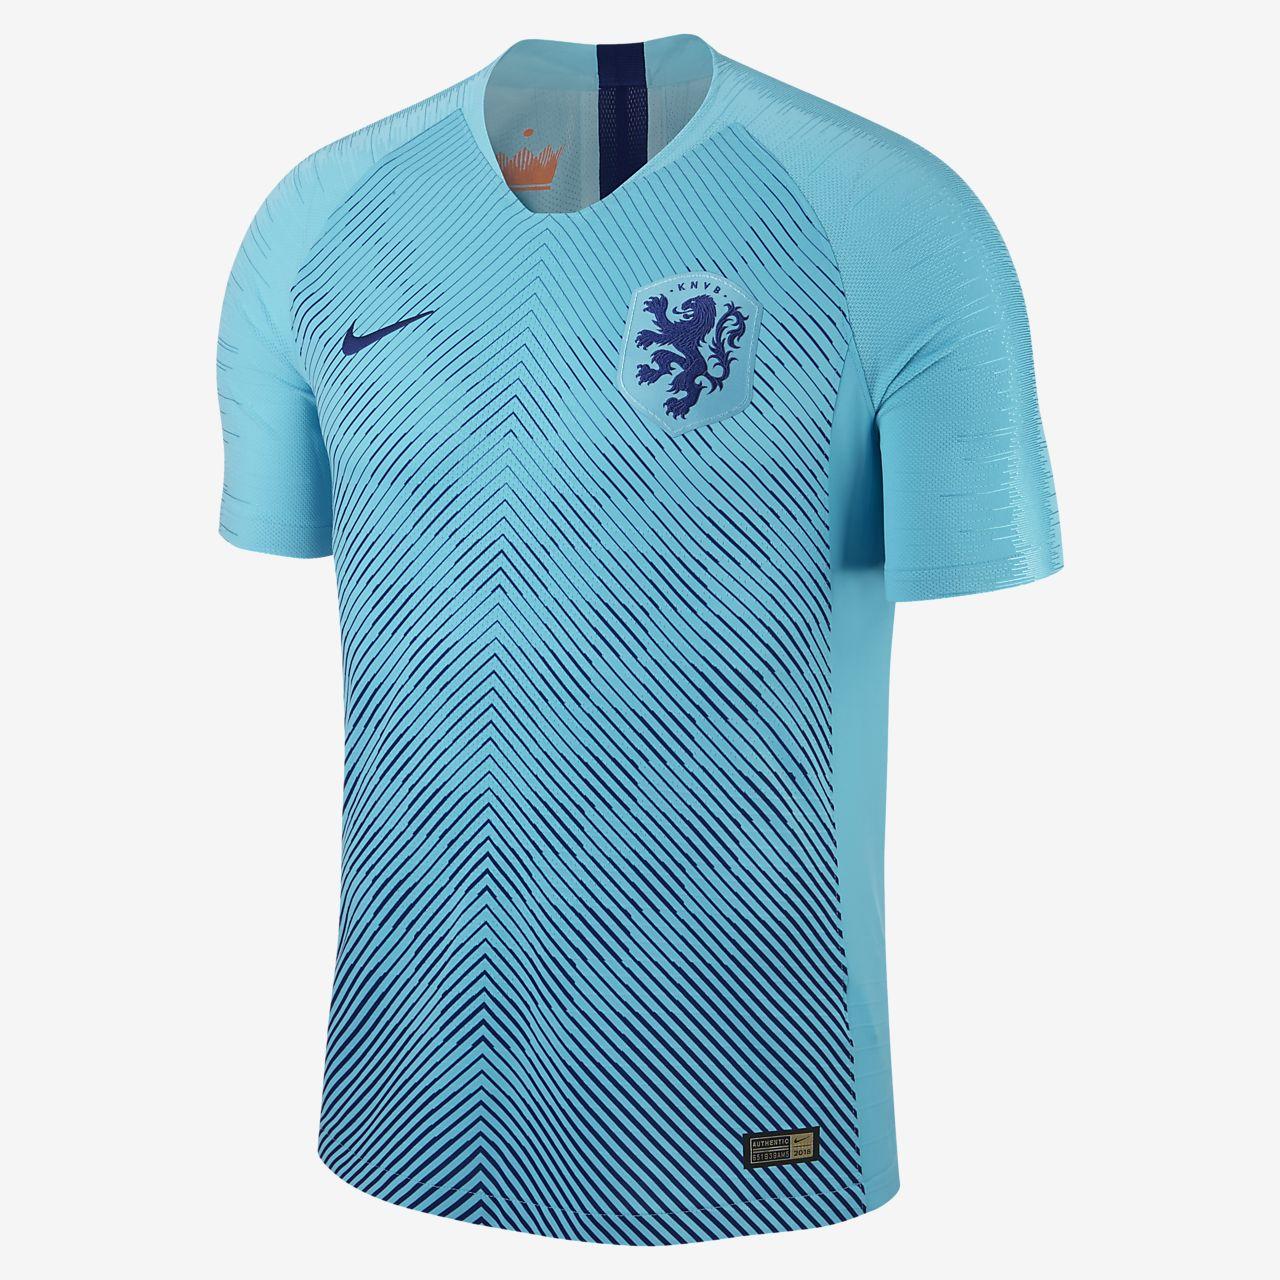 2018 Netherlands Vapor Match Away Men s Football Shirt. Nike.com LU b6da01719